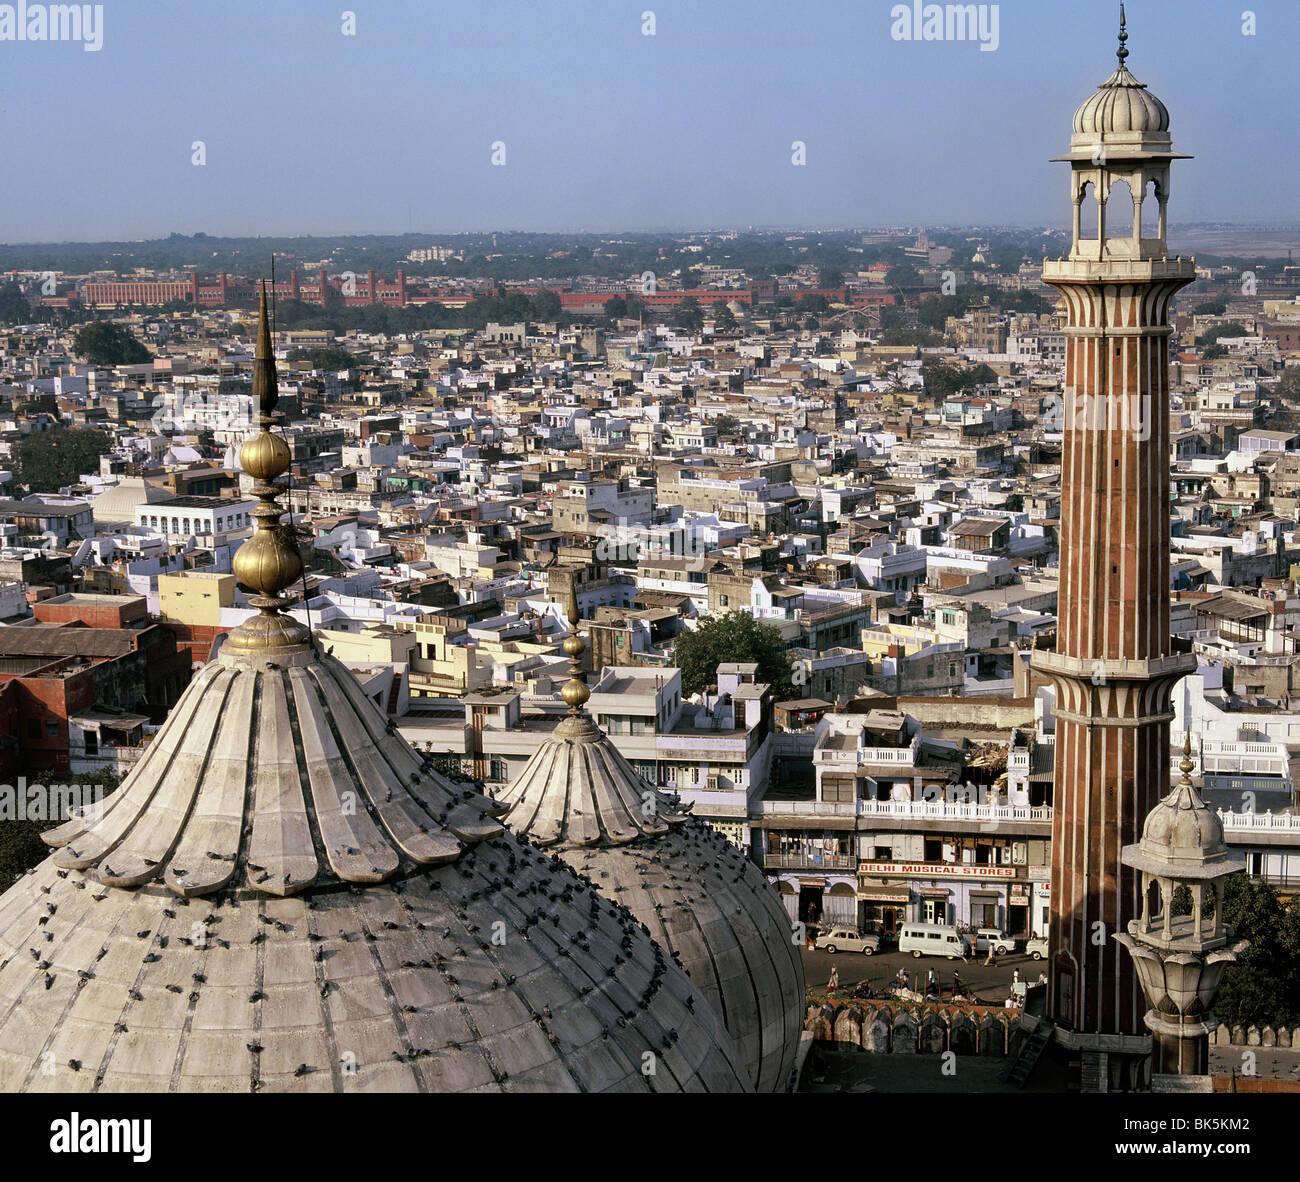 Jama Masjid in Old Delhi, India, Asia - Stock Image